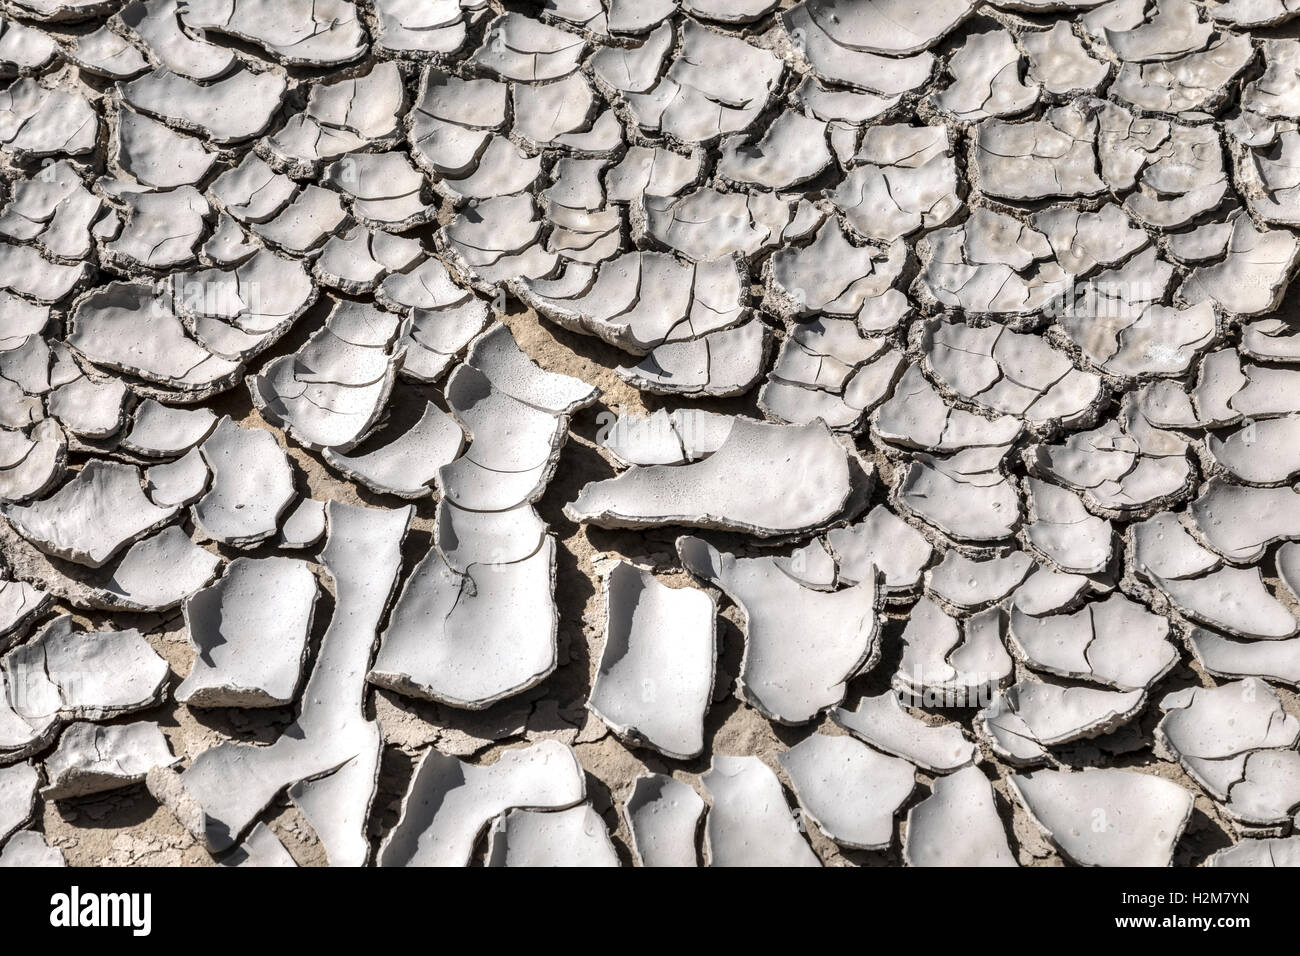 rissige, trockene Böden Stockbild